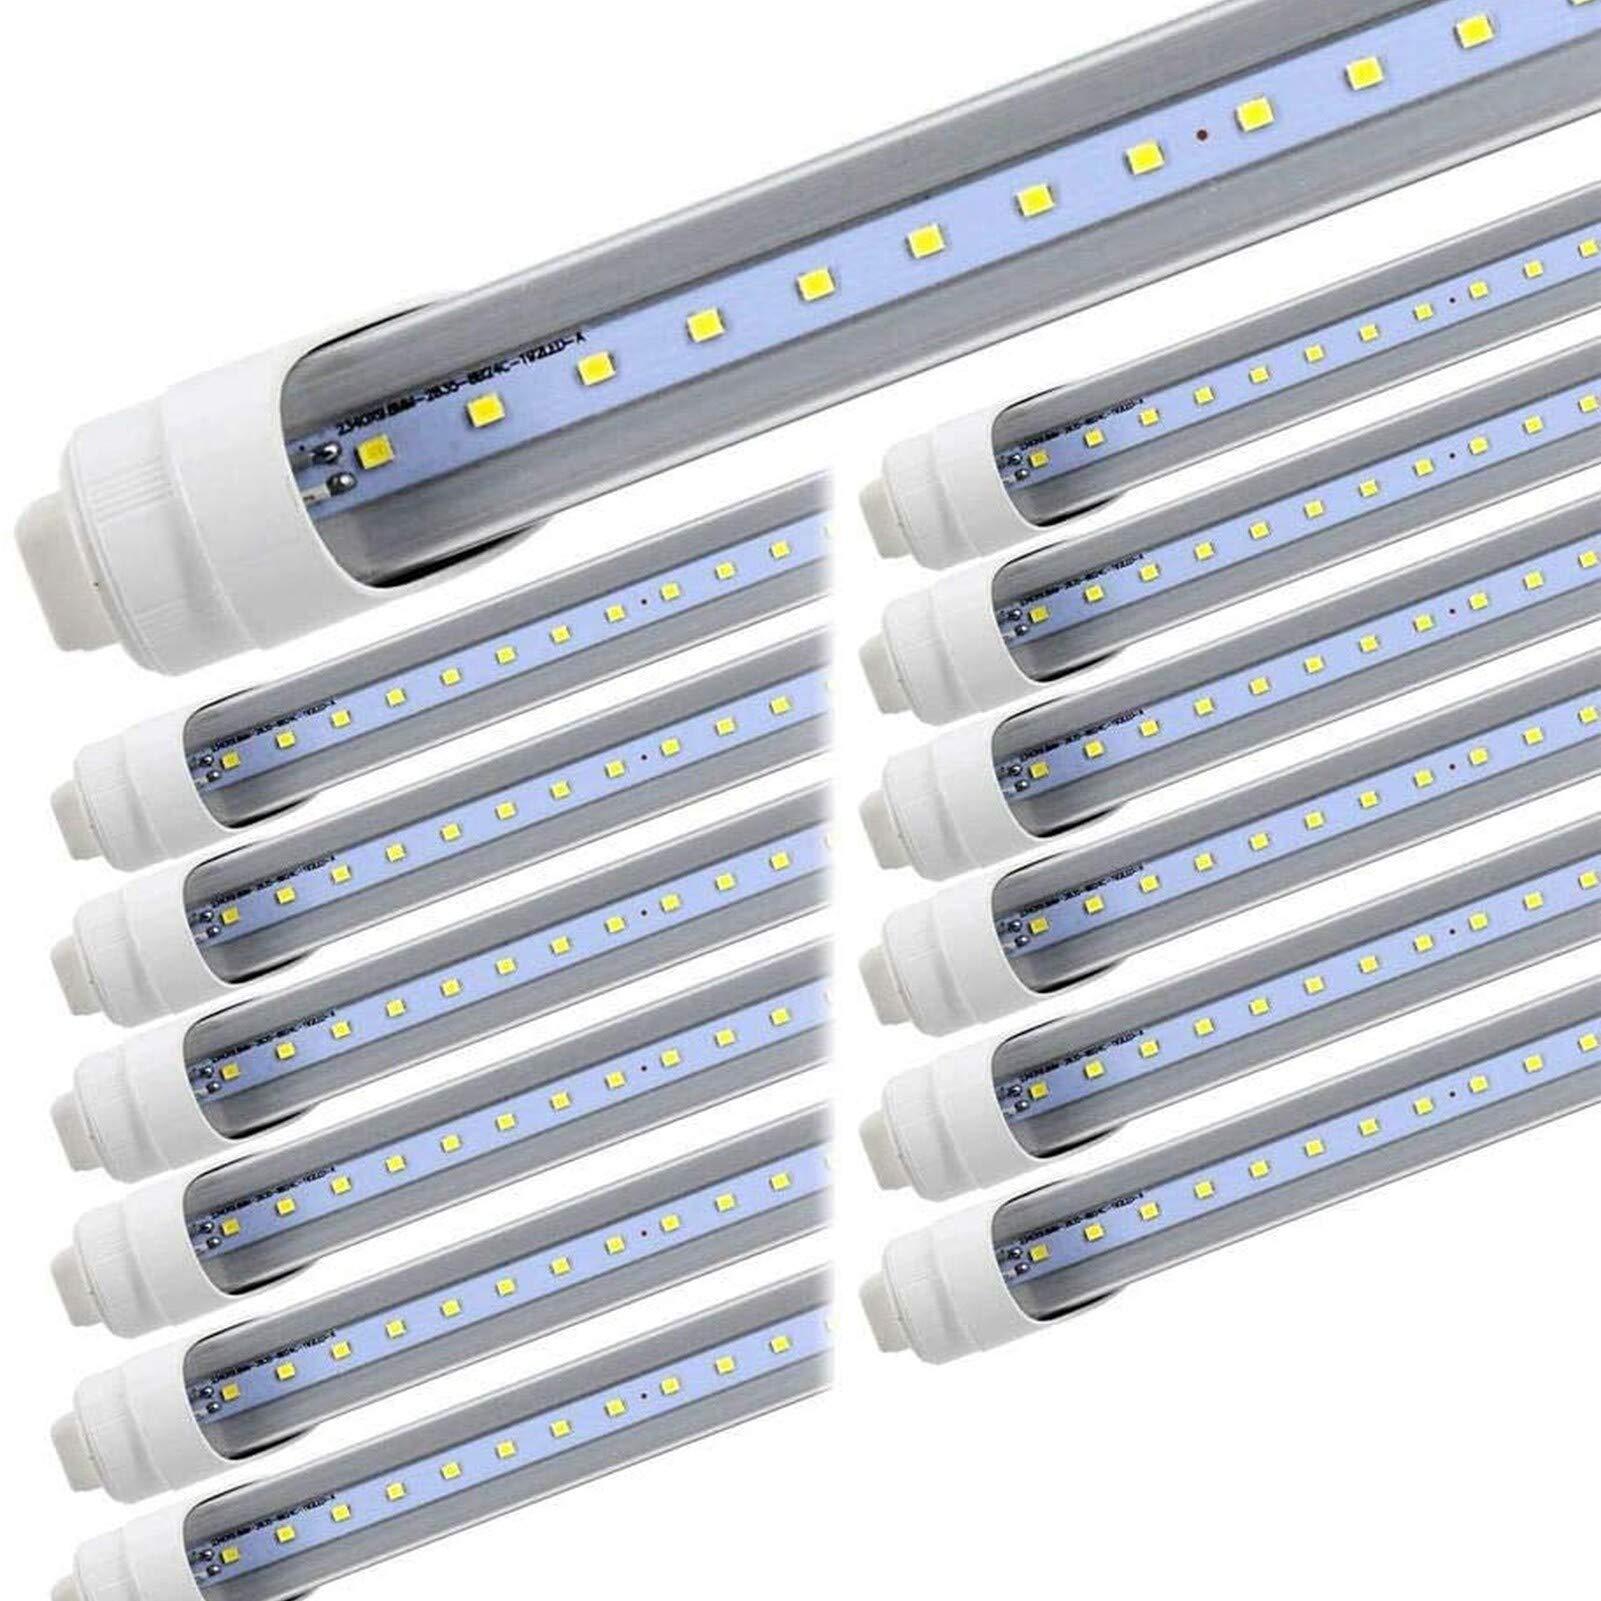 (Pack of 12) SHOPLED T8 T10 T12 LED Light Tube